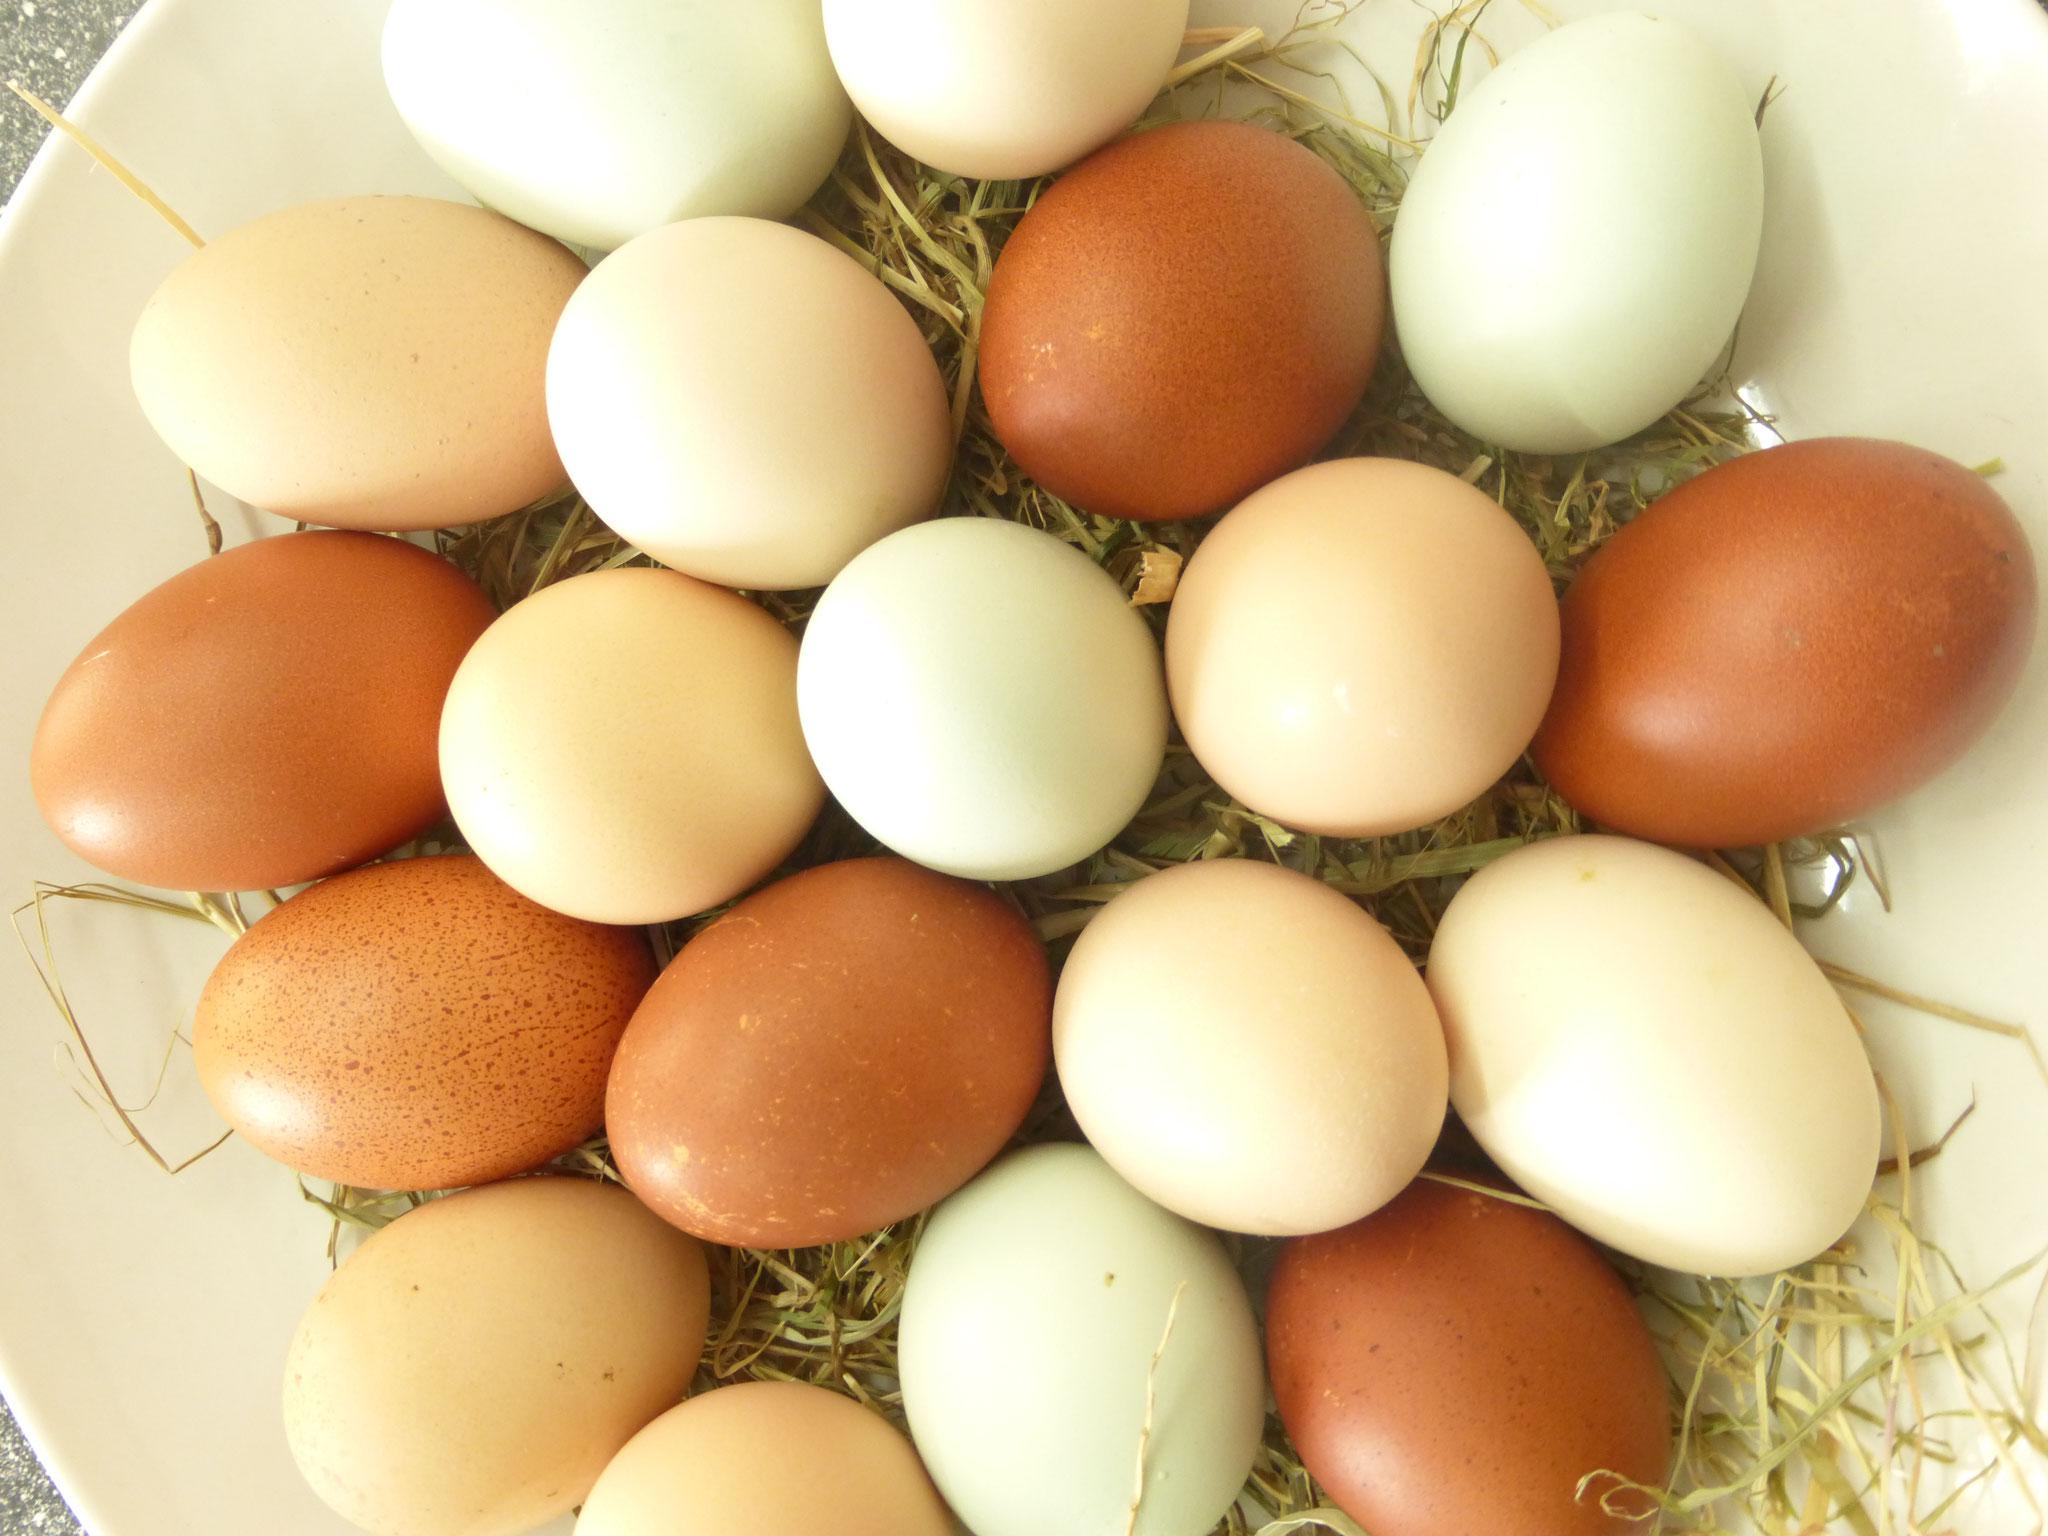 Unsere Eier sind unverwechselbar! Wir haben 6 verschiedene Hühnerrasse und somit verschiedene Eier!